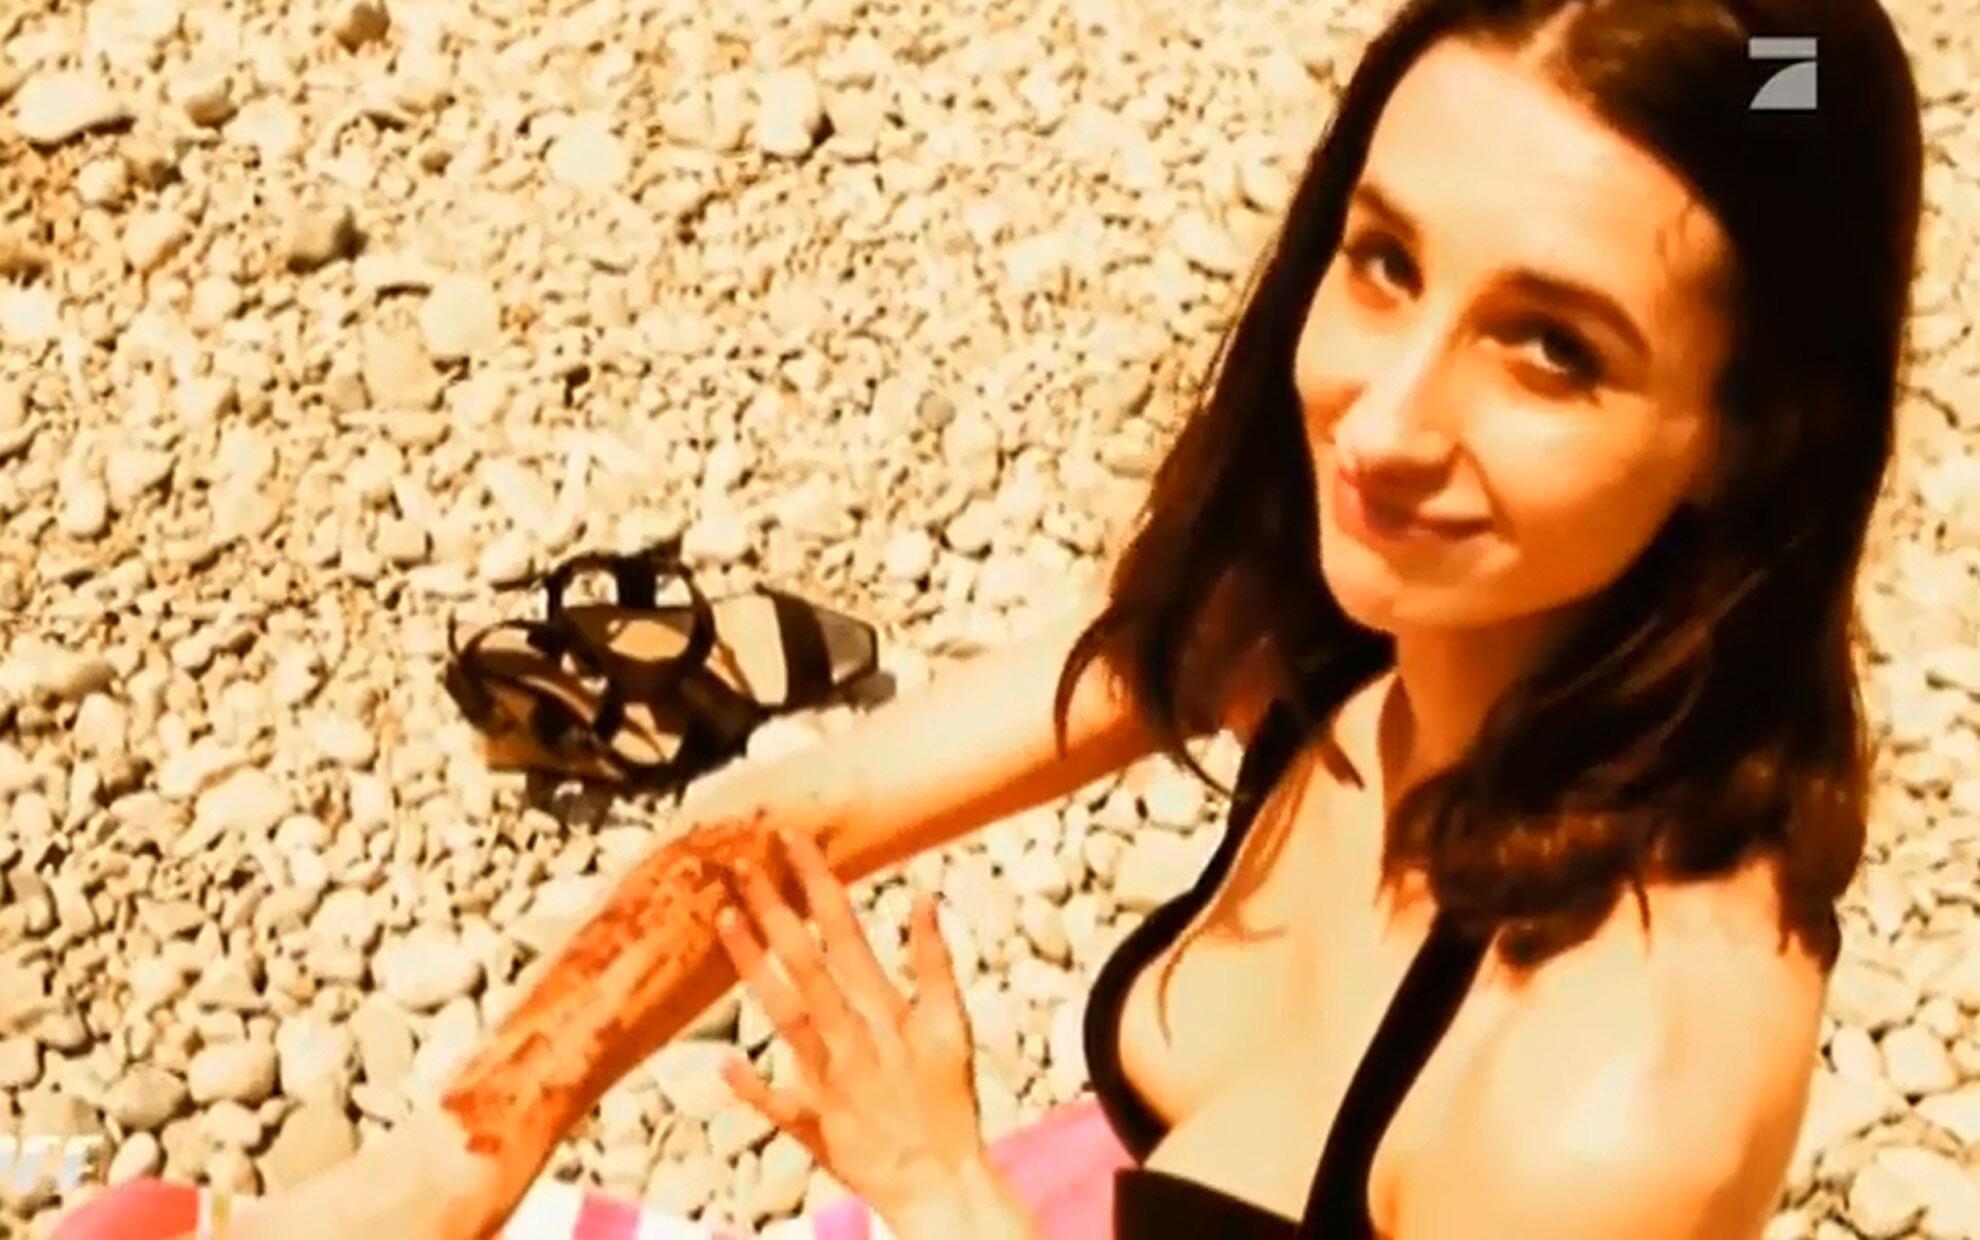 Bild zu Skurrile Sonnenschutz-Mythen